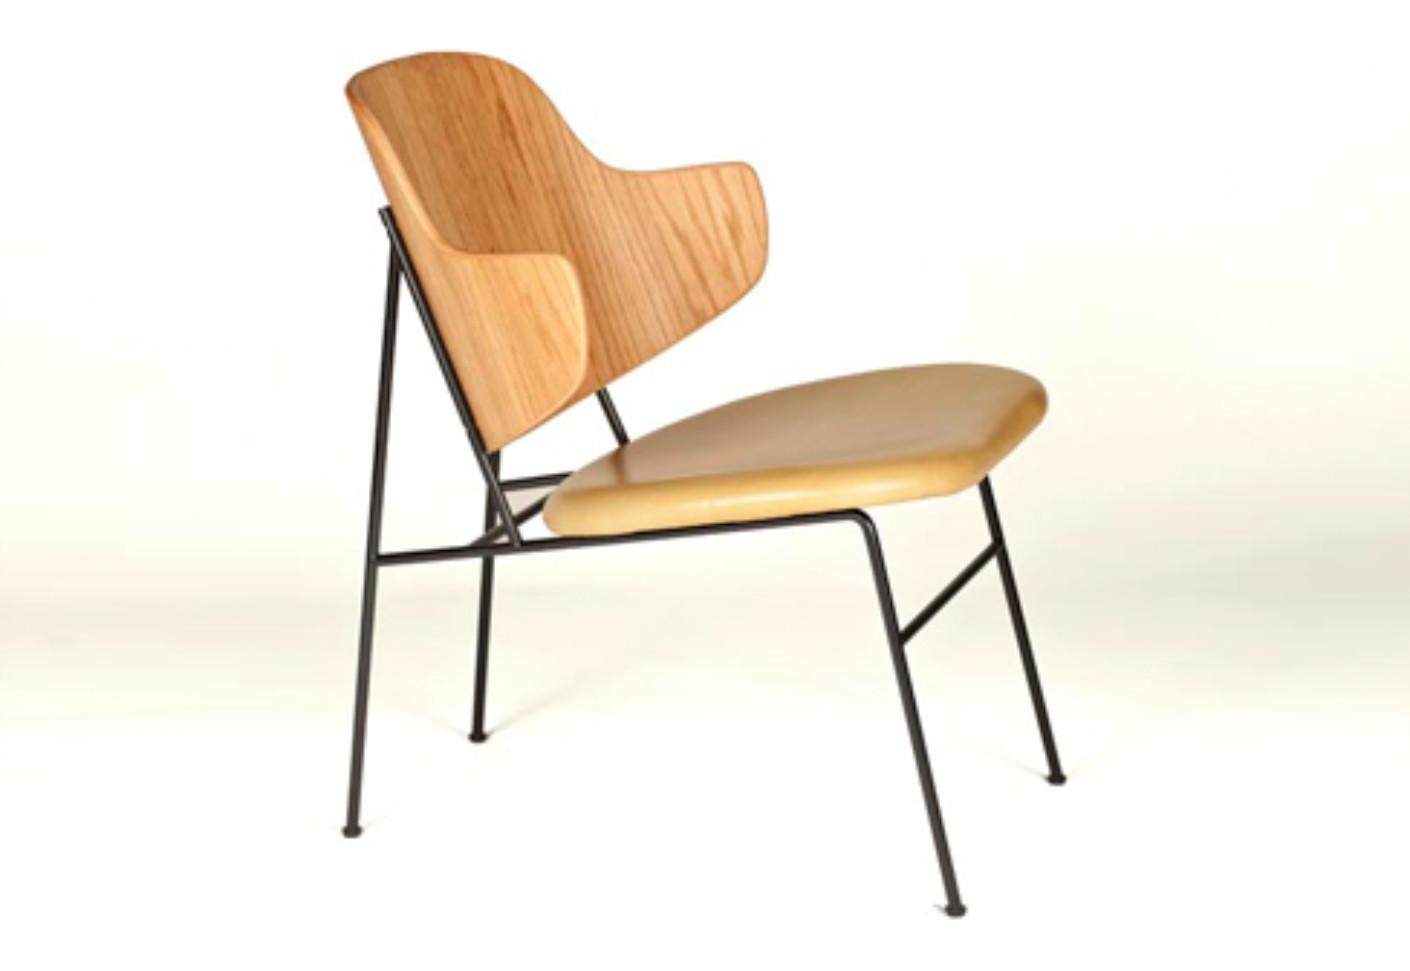 Charming Petersen Furniture